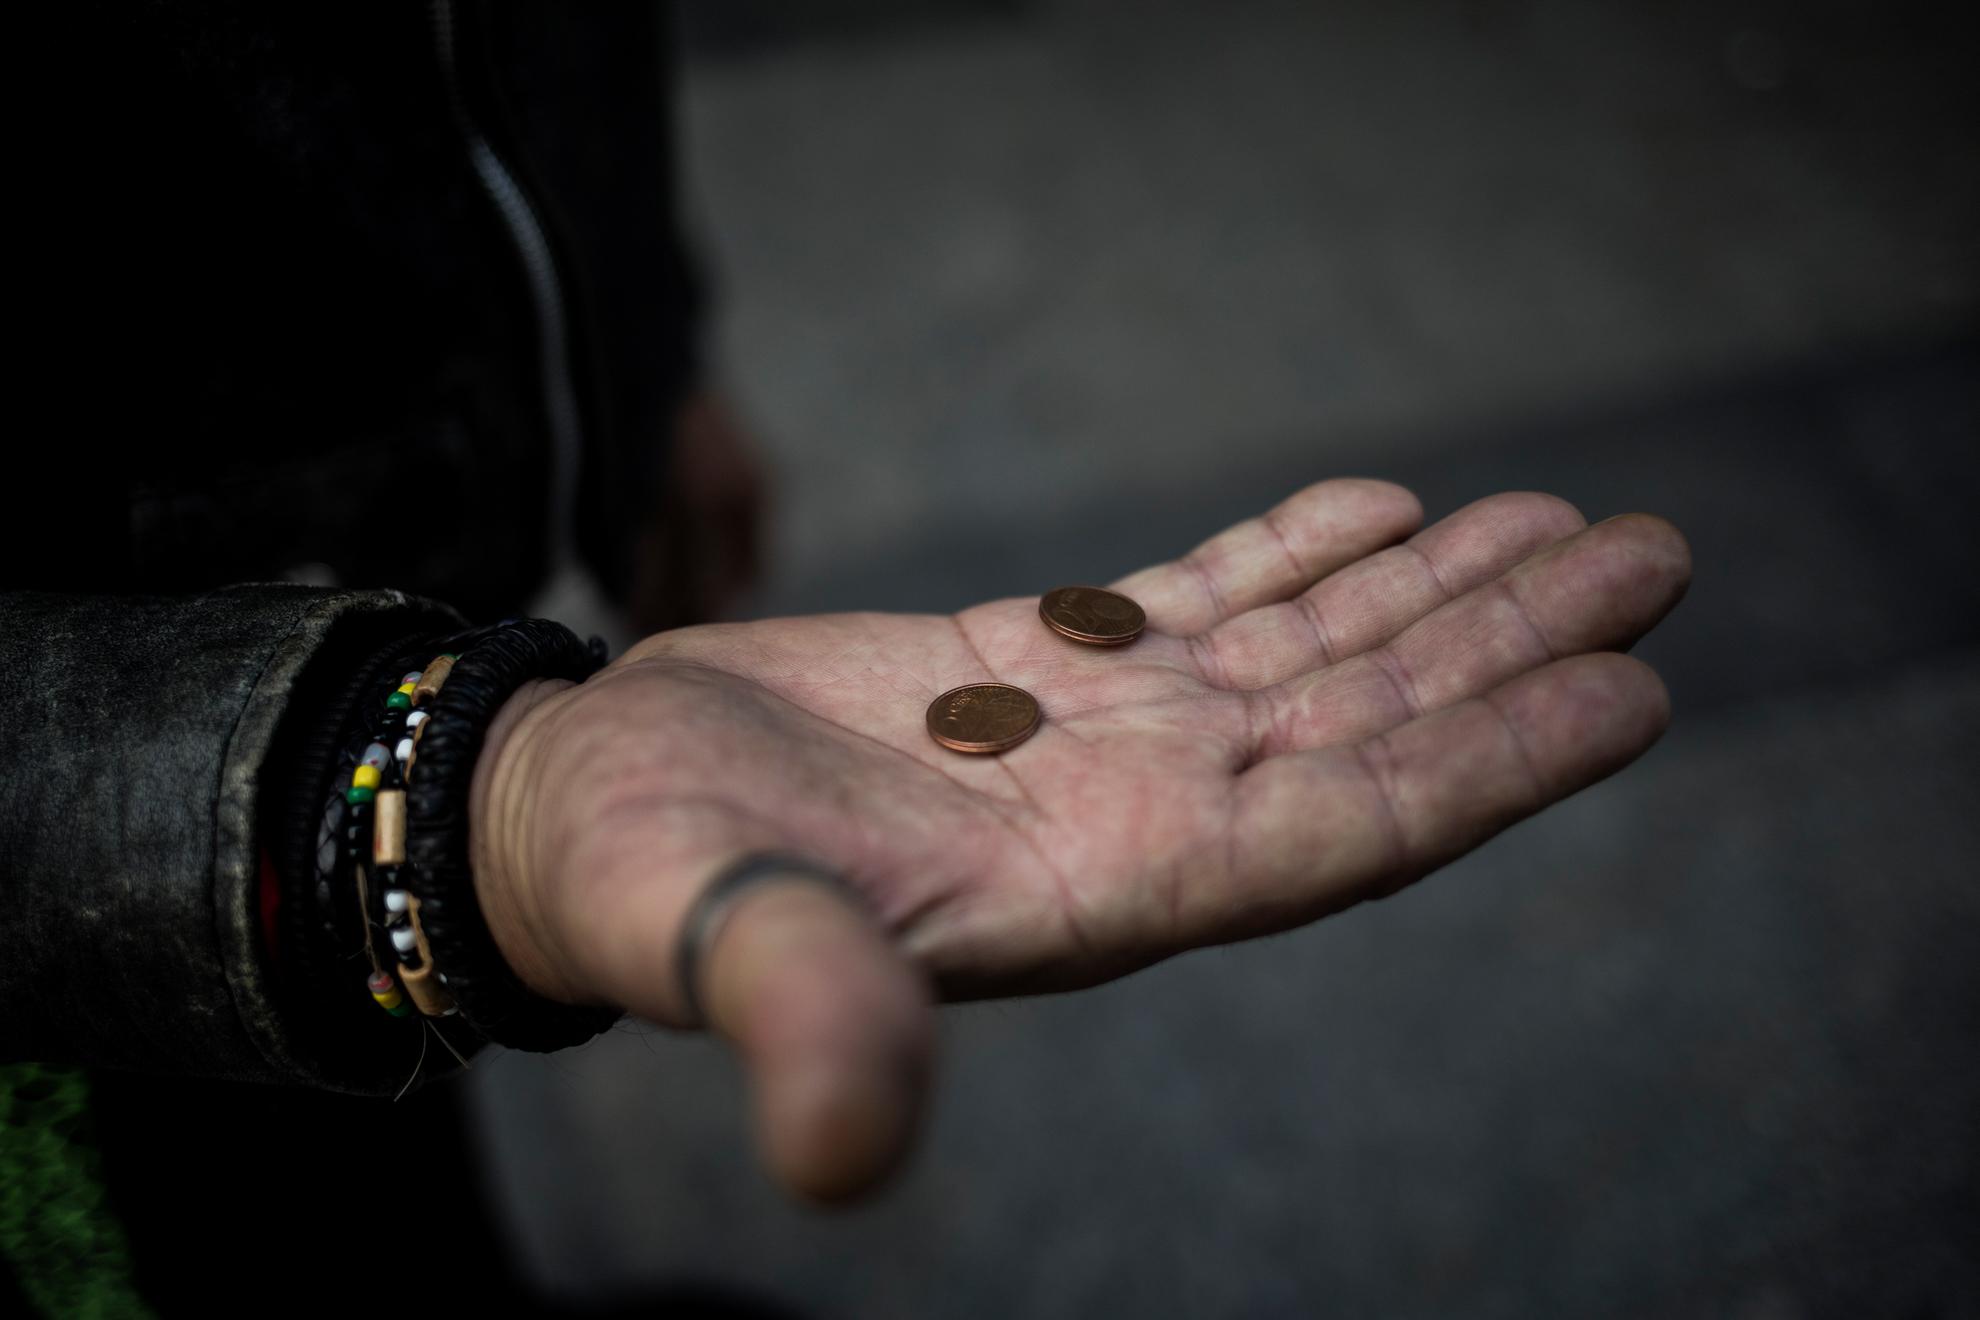 """Dos céntimos es el capital con el que Juan Ortega """"El Vasco"""", de 54 años, afronta el día. Antes del estado de alarma ocupaba un lugar en el centro de Almería, frente a un hipermercado, donde pasaba el día y recibía ayuda de los vecinos. Esa situación ha cambiado, no le permiten estar en la calle y no consigue comida o limosna para sobrevivir. Tampoco puede acceder al Centro Municipal de Acogida, que está al borde de su capacidad, y duerme en la calle cada noche."""